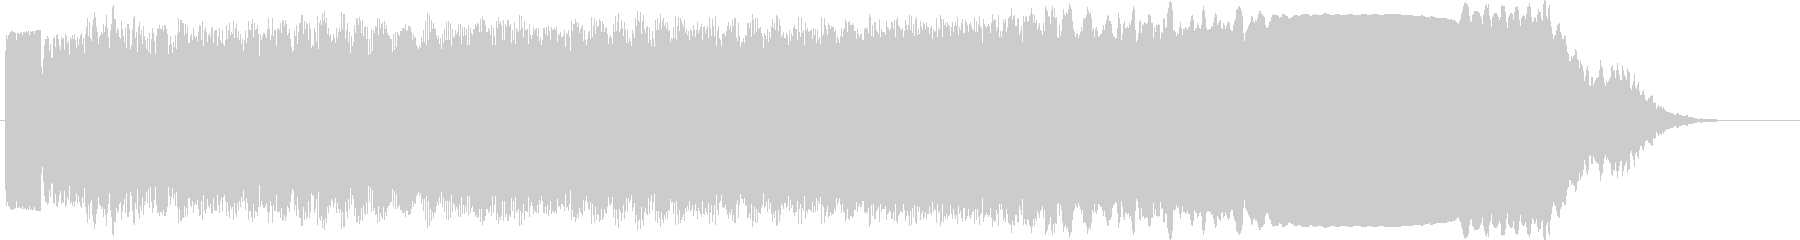 【ゲーム・アプリ】FX_11 スピードの未再生の波形